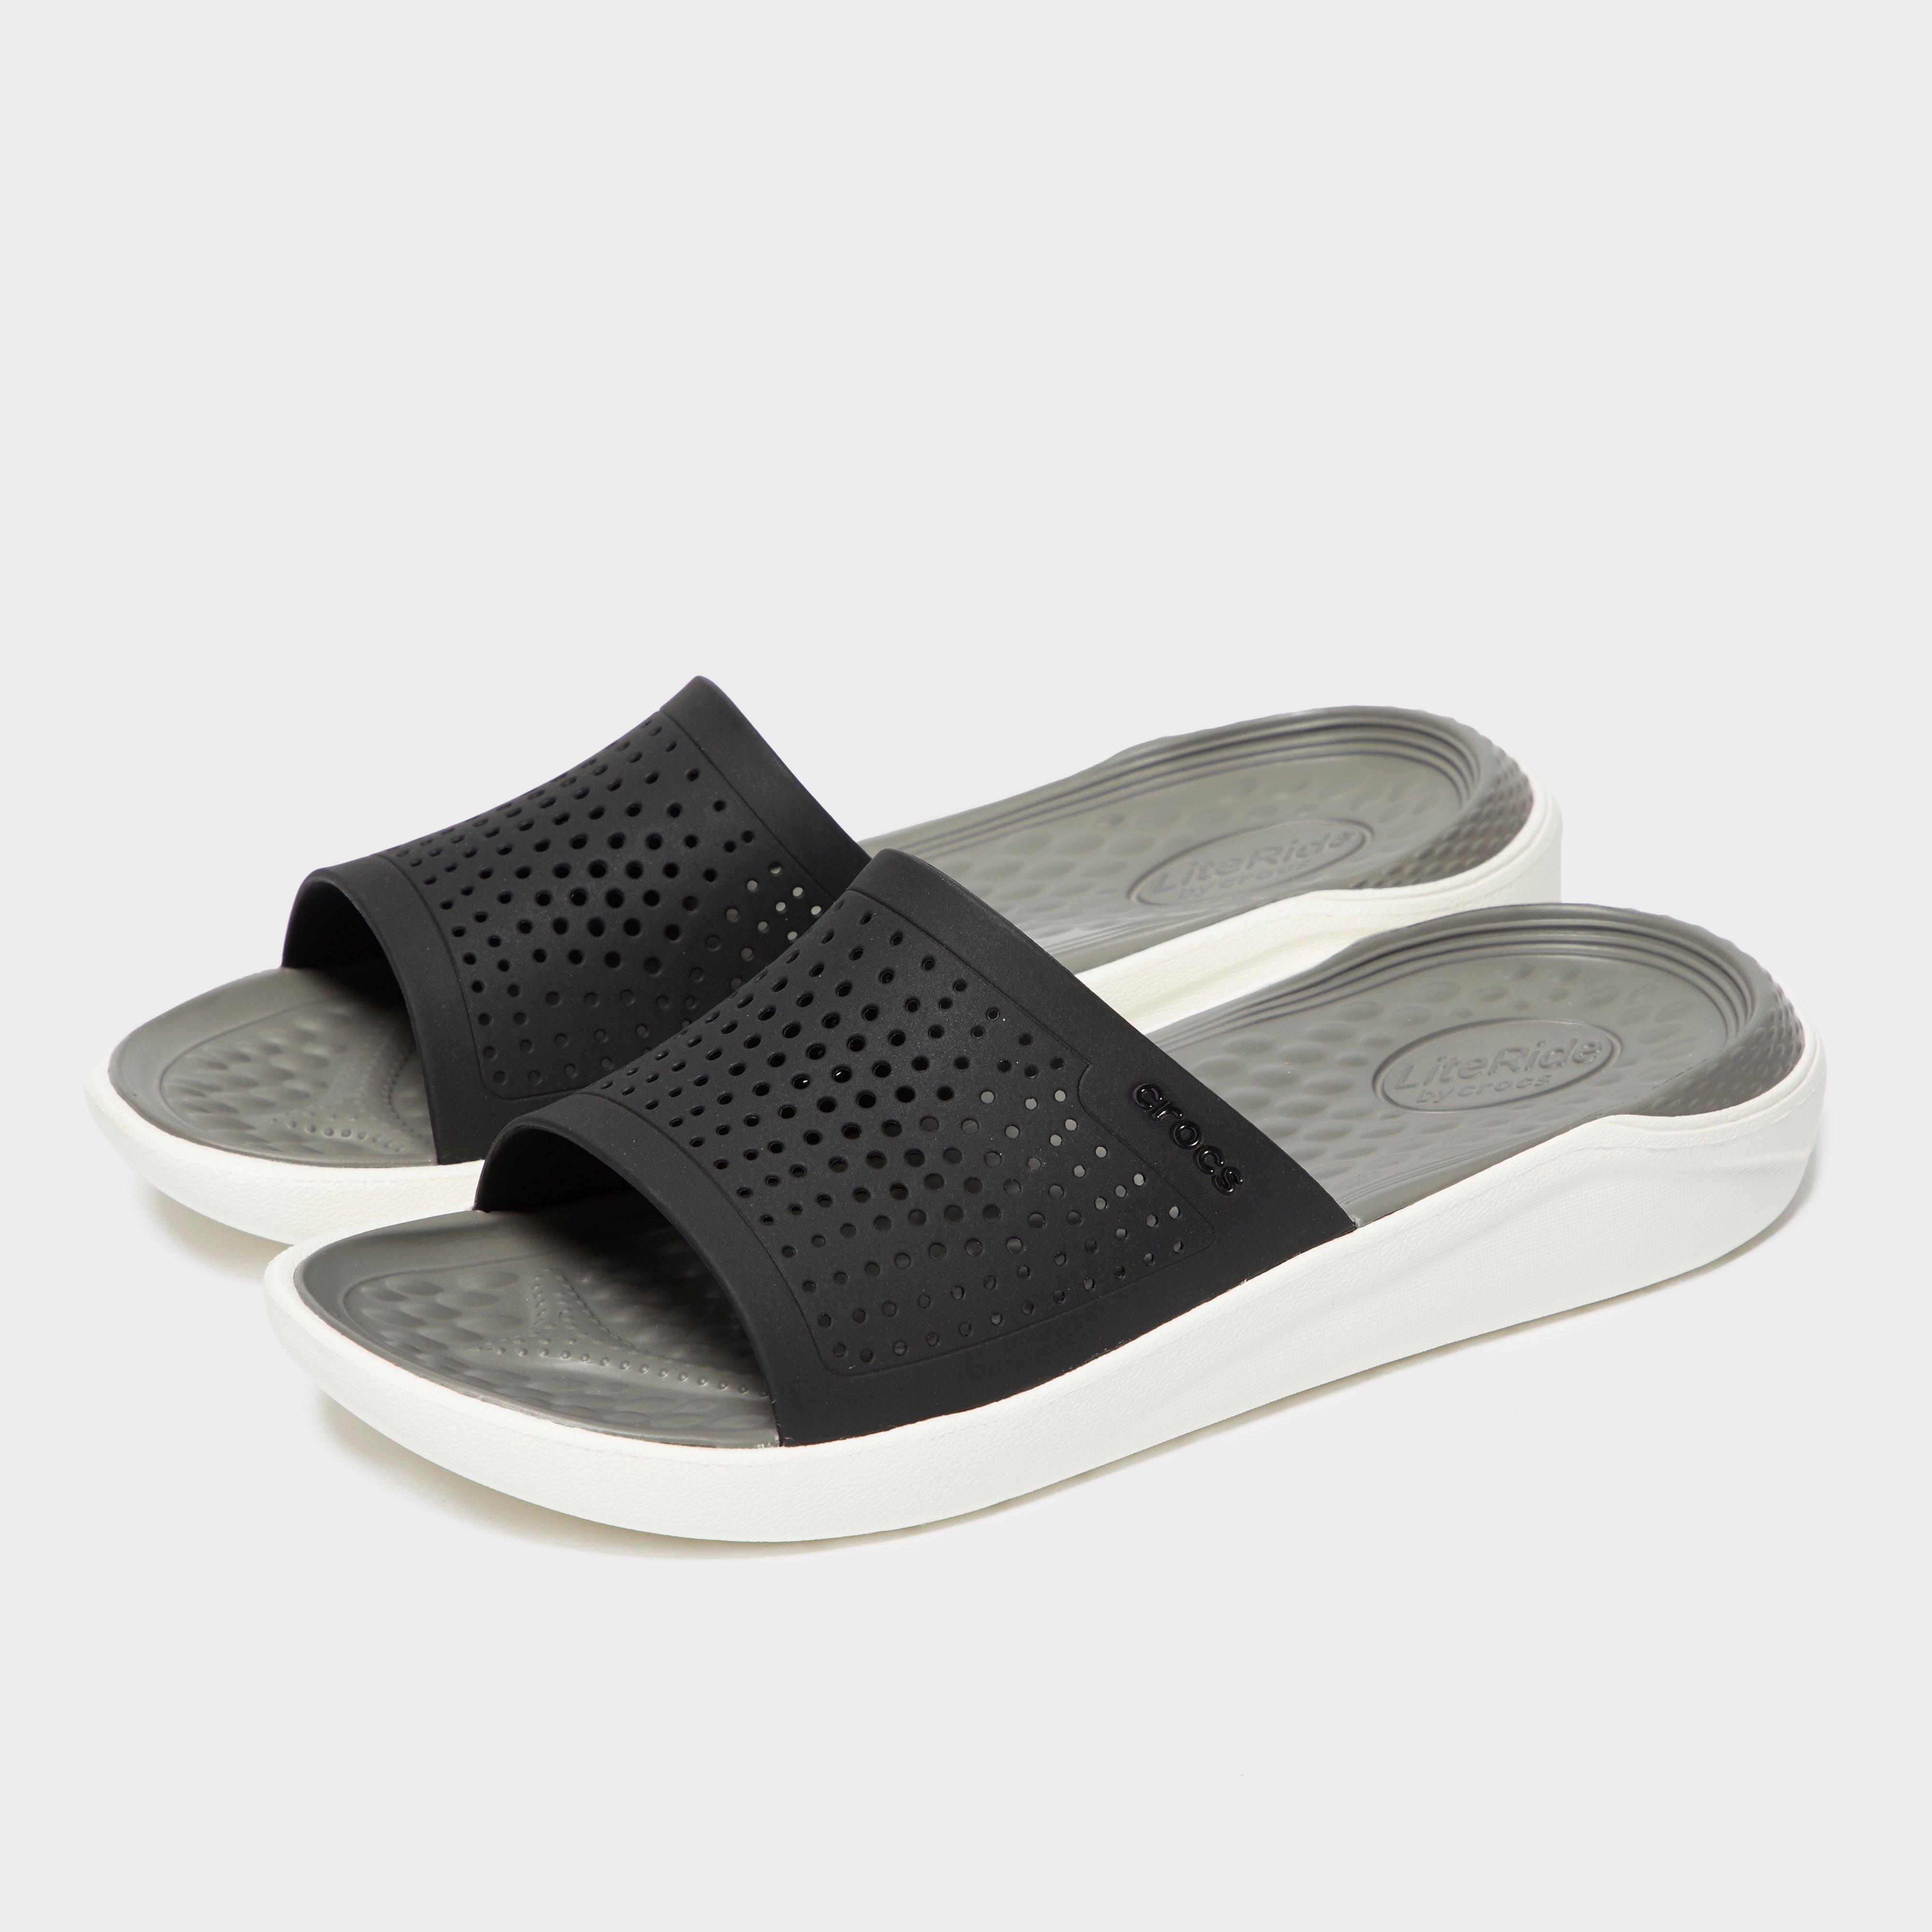 Crocs Men's Literide Slide - Black/White, Black/White